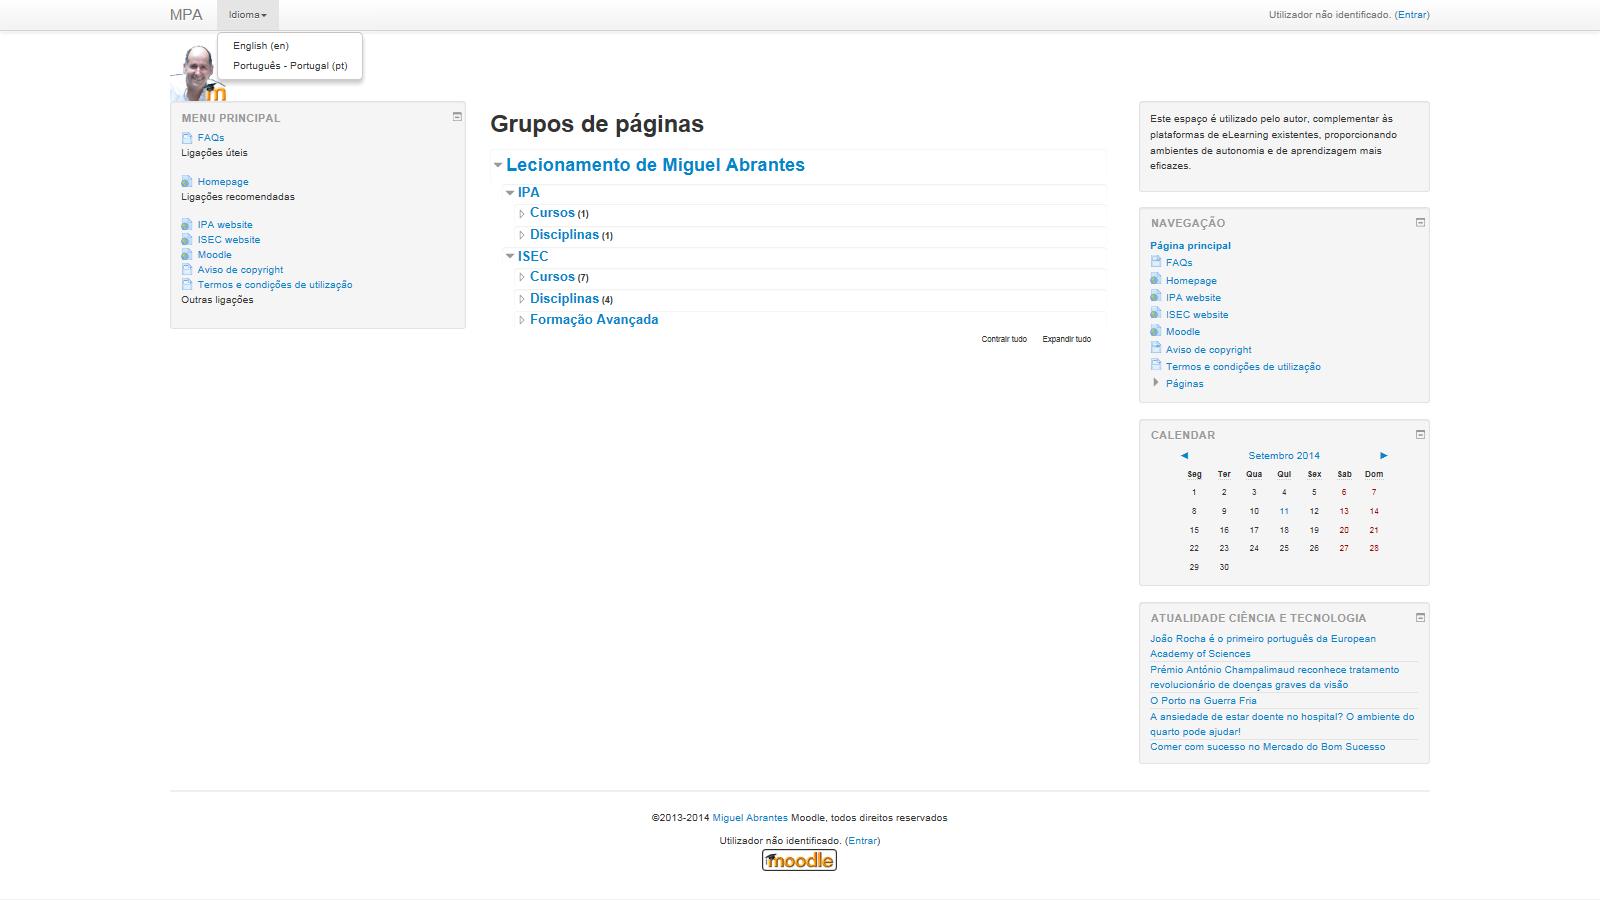 Imagem do Portal moodle de Miguelabrantes.pt